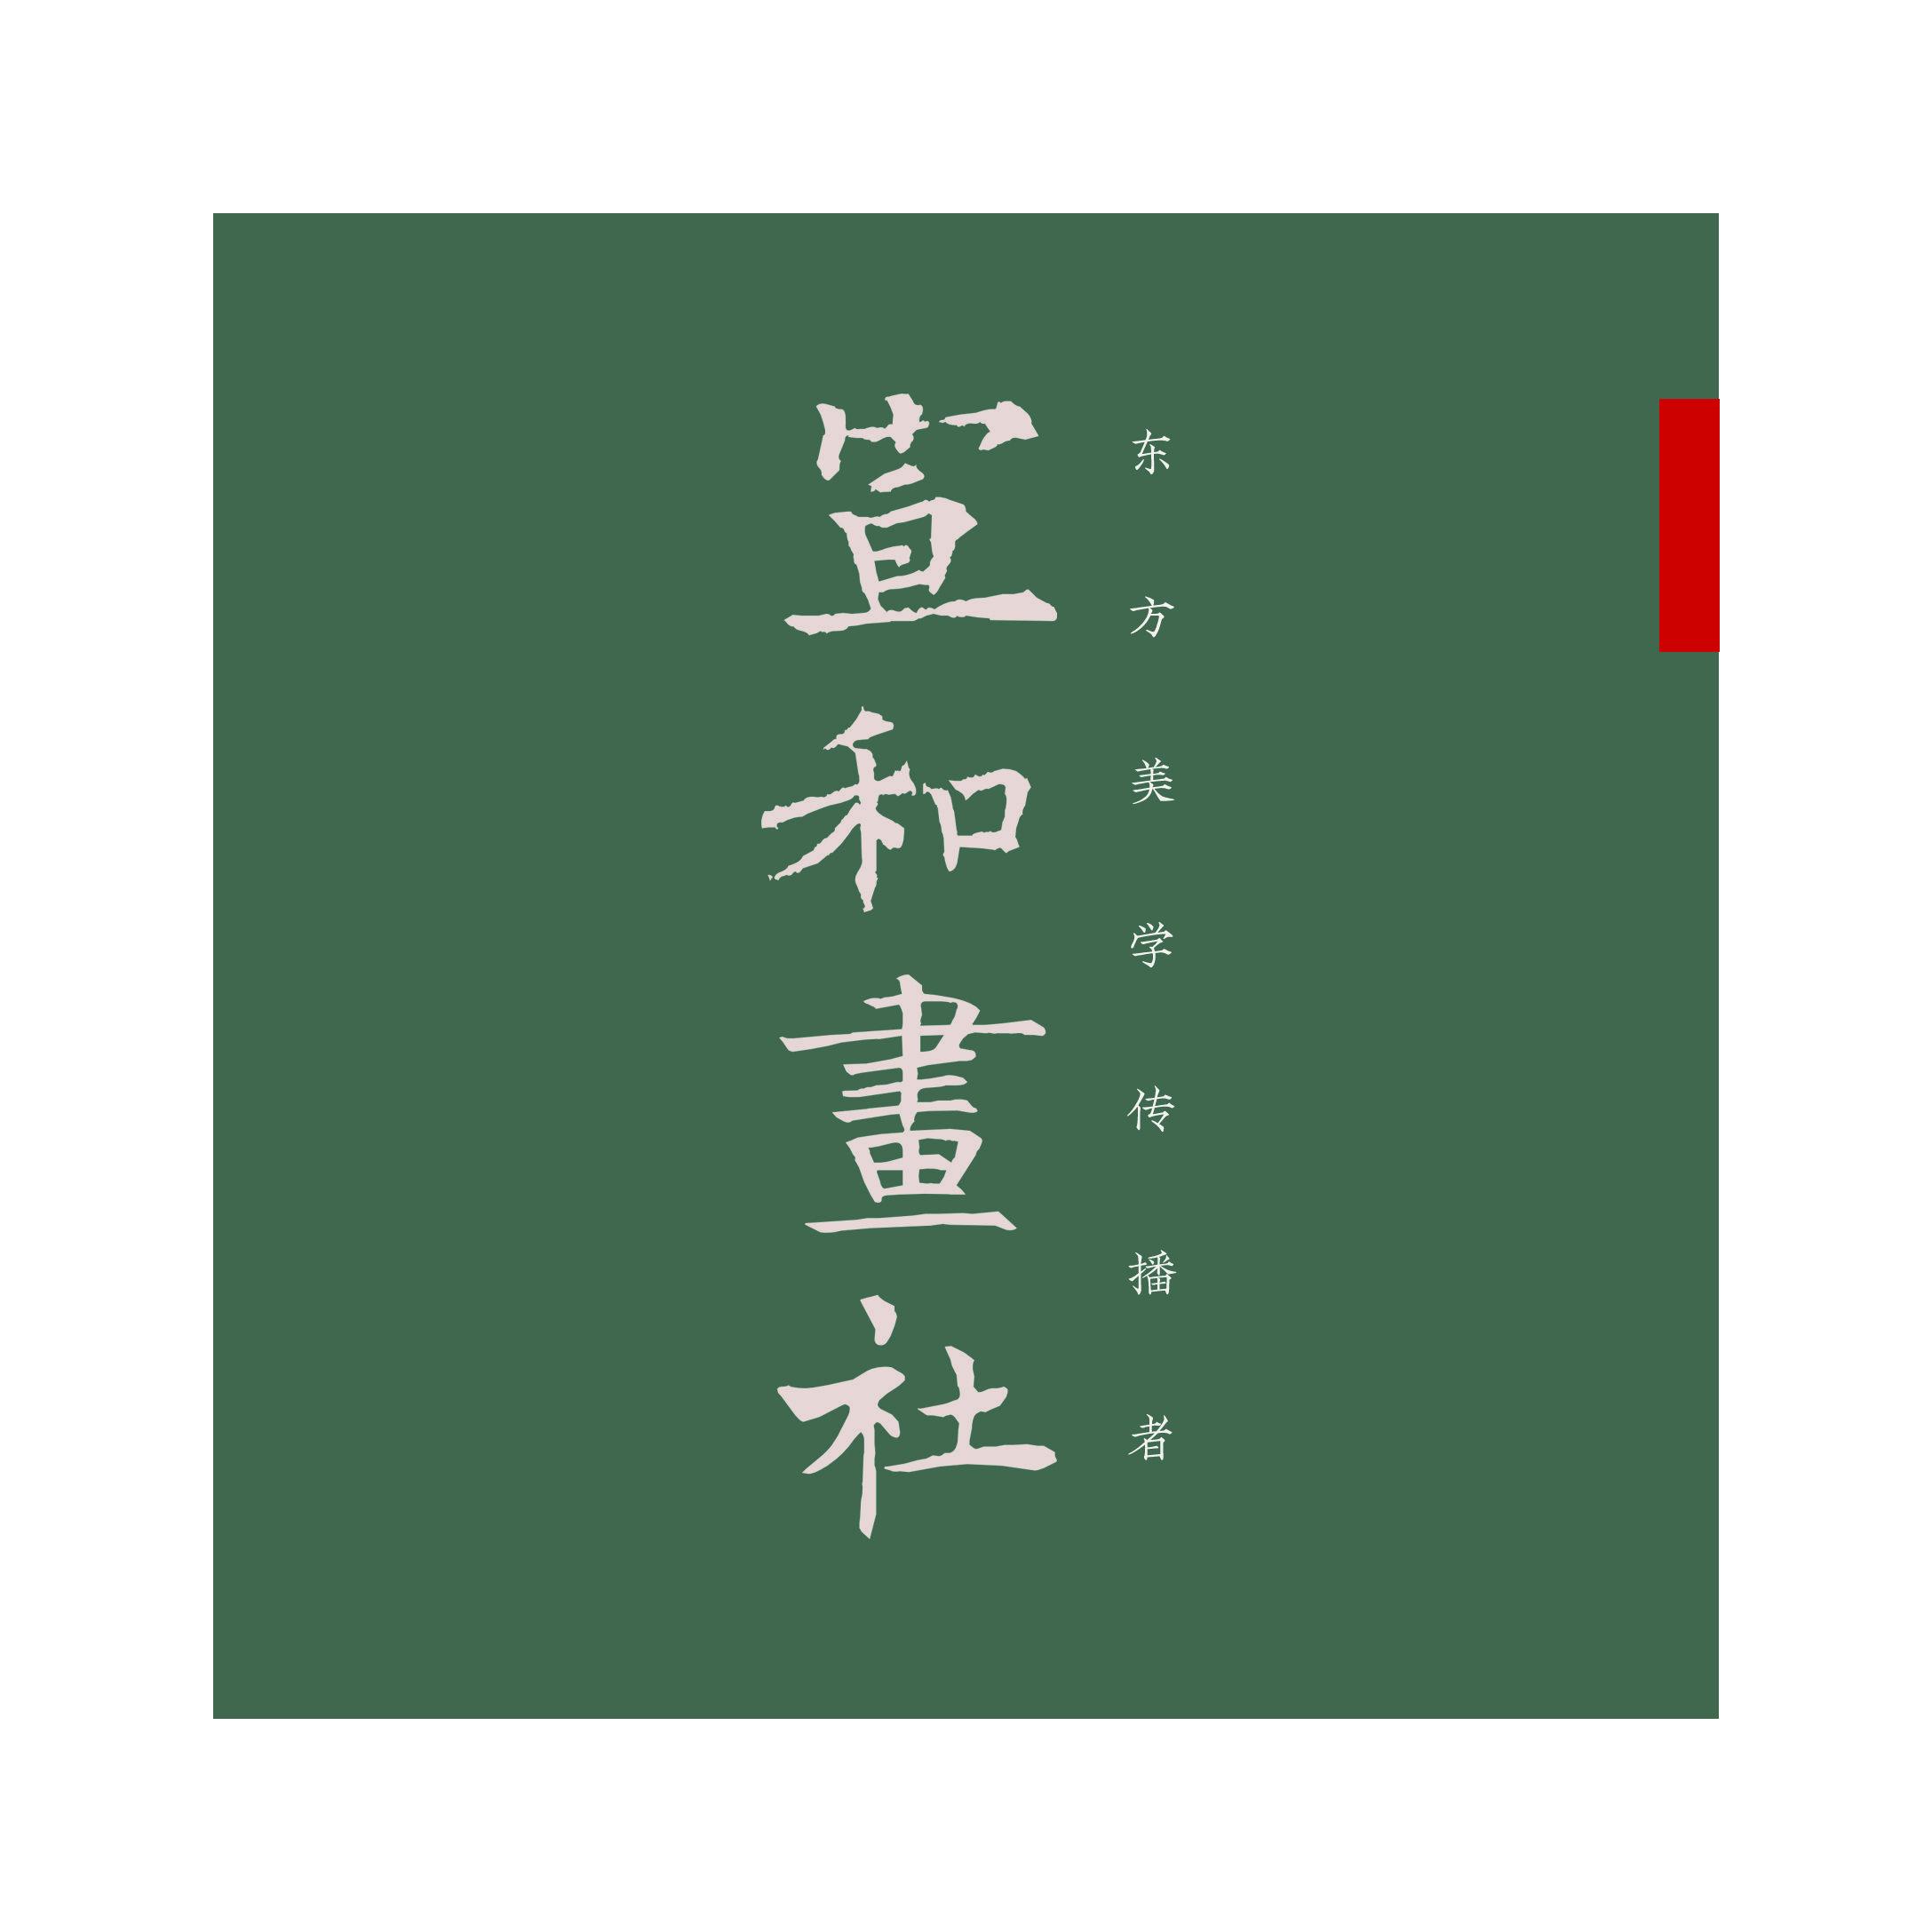 :长沙今日团购:【宣和画社】书画体验课(书法国画任选其一)